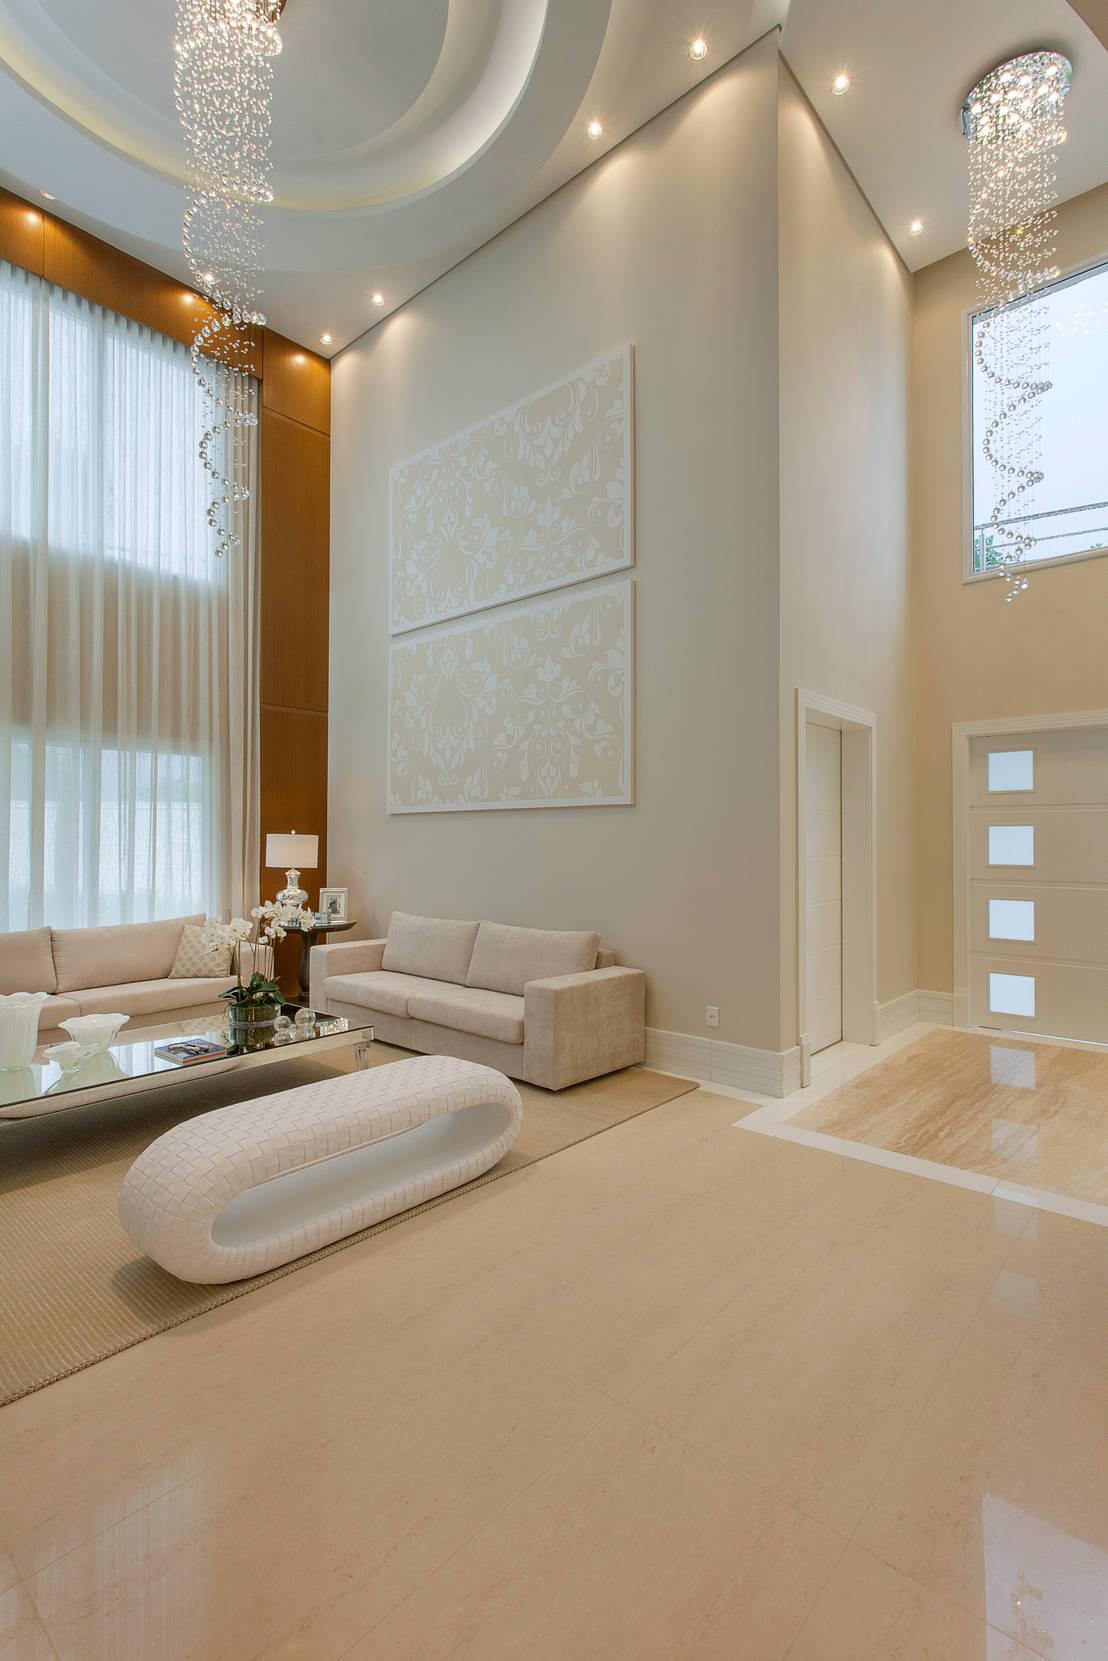 Casa indaiatuba por designer de interiores e paisagista for Siti design casa